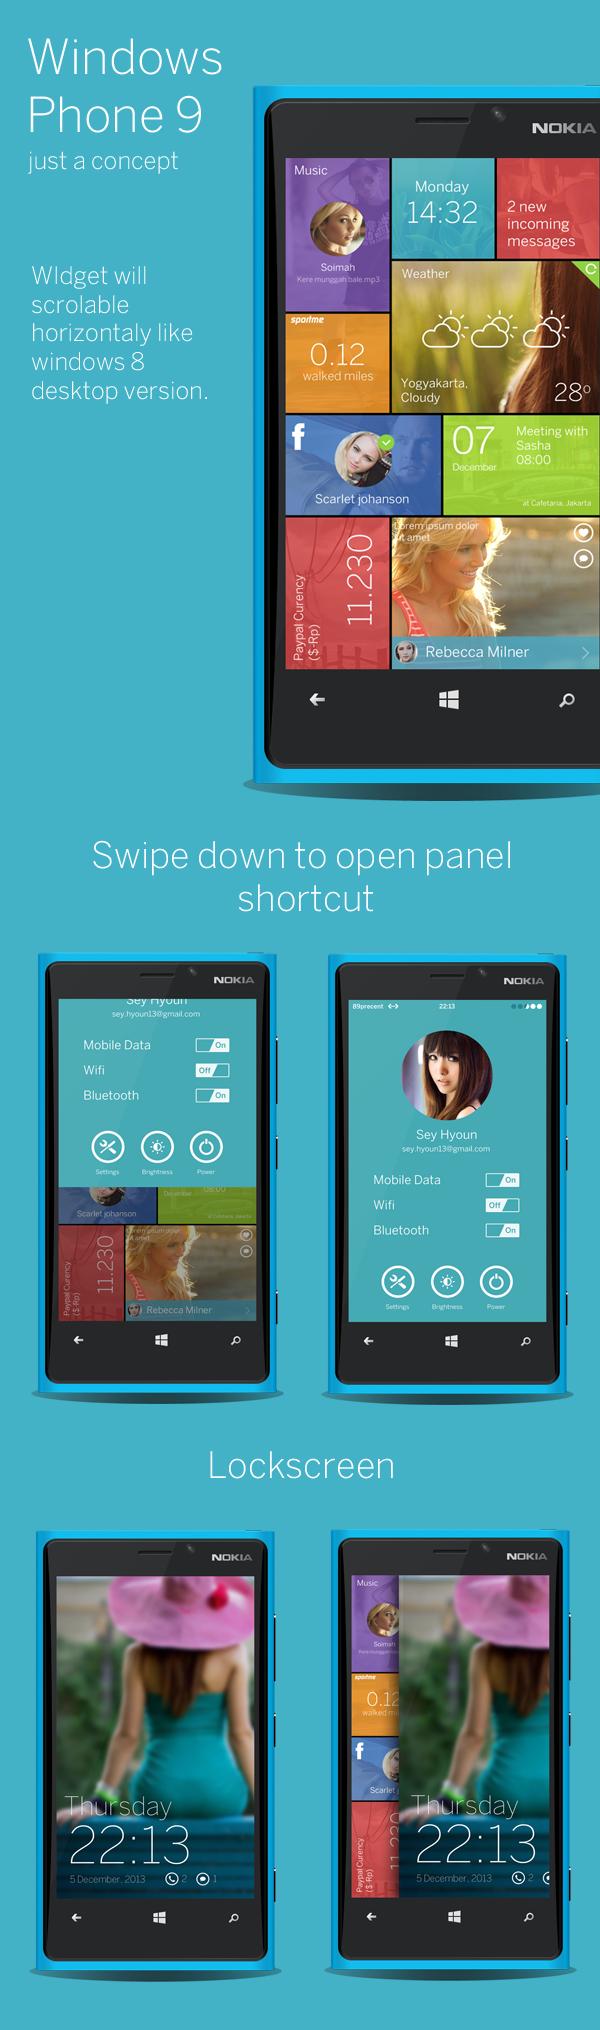 Windows Phone 9 UI Concept